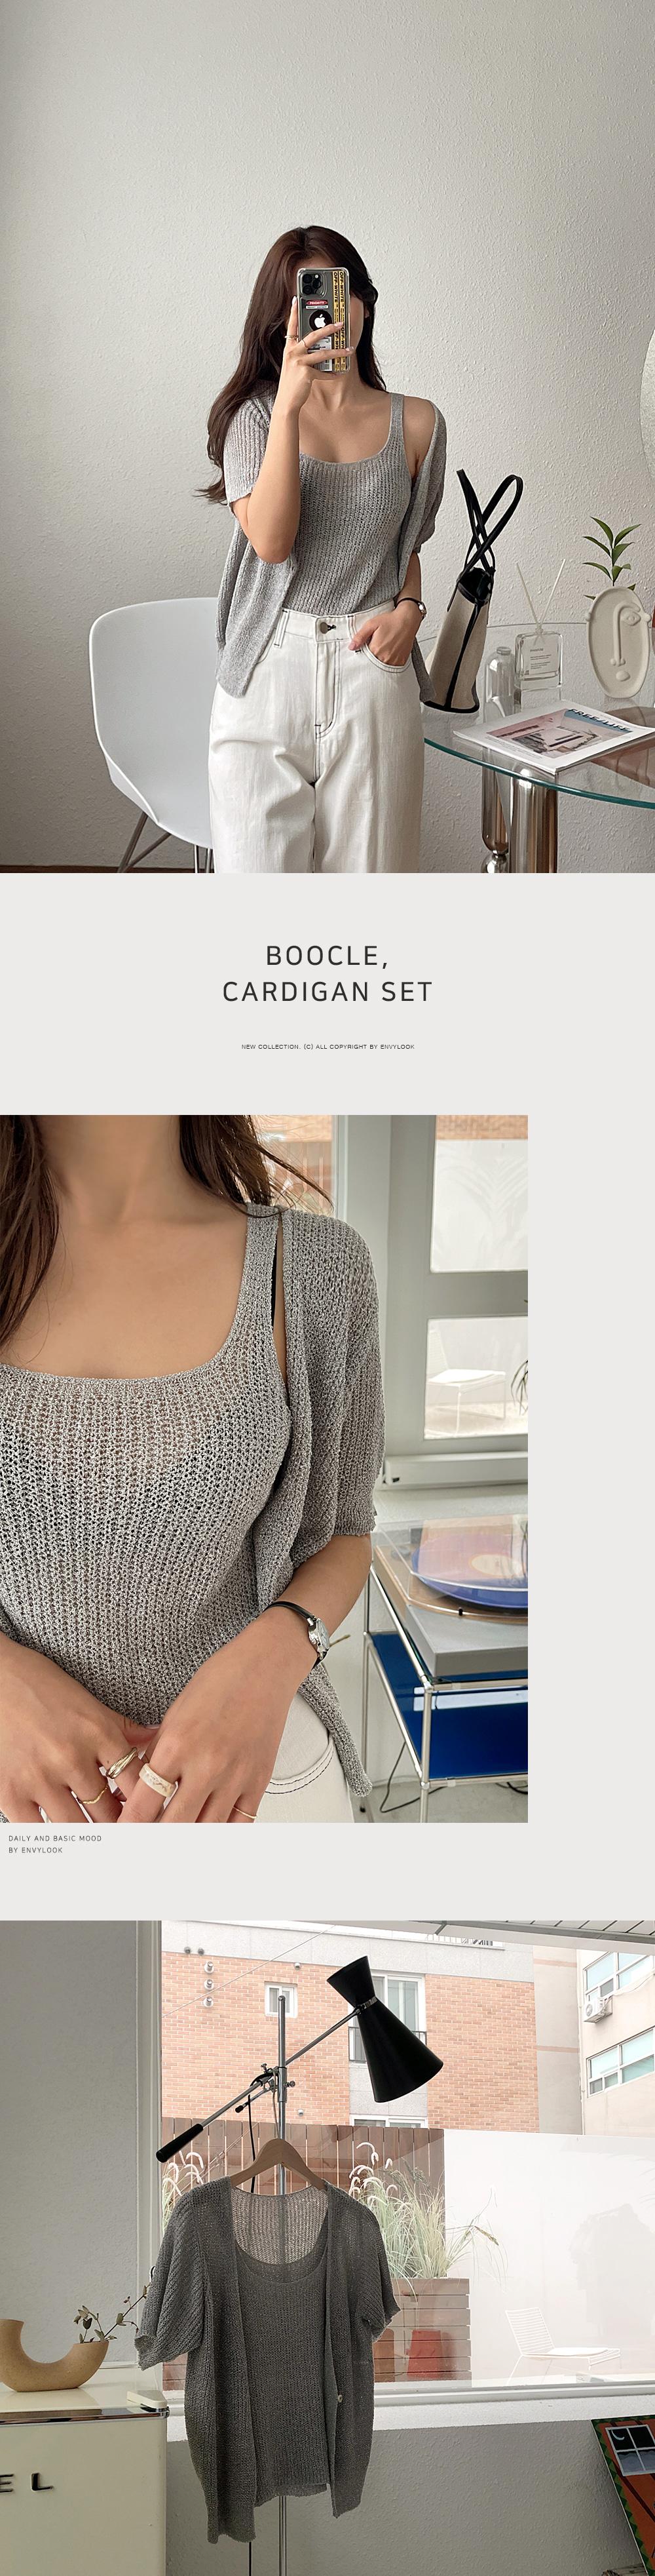 Teddy Booklet Cardigan Set